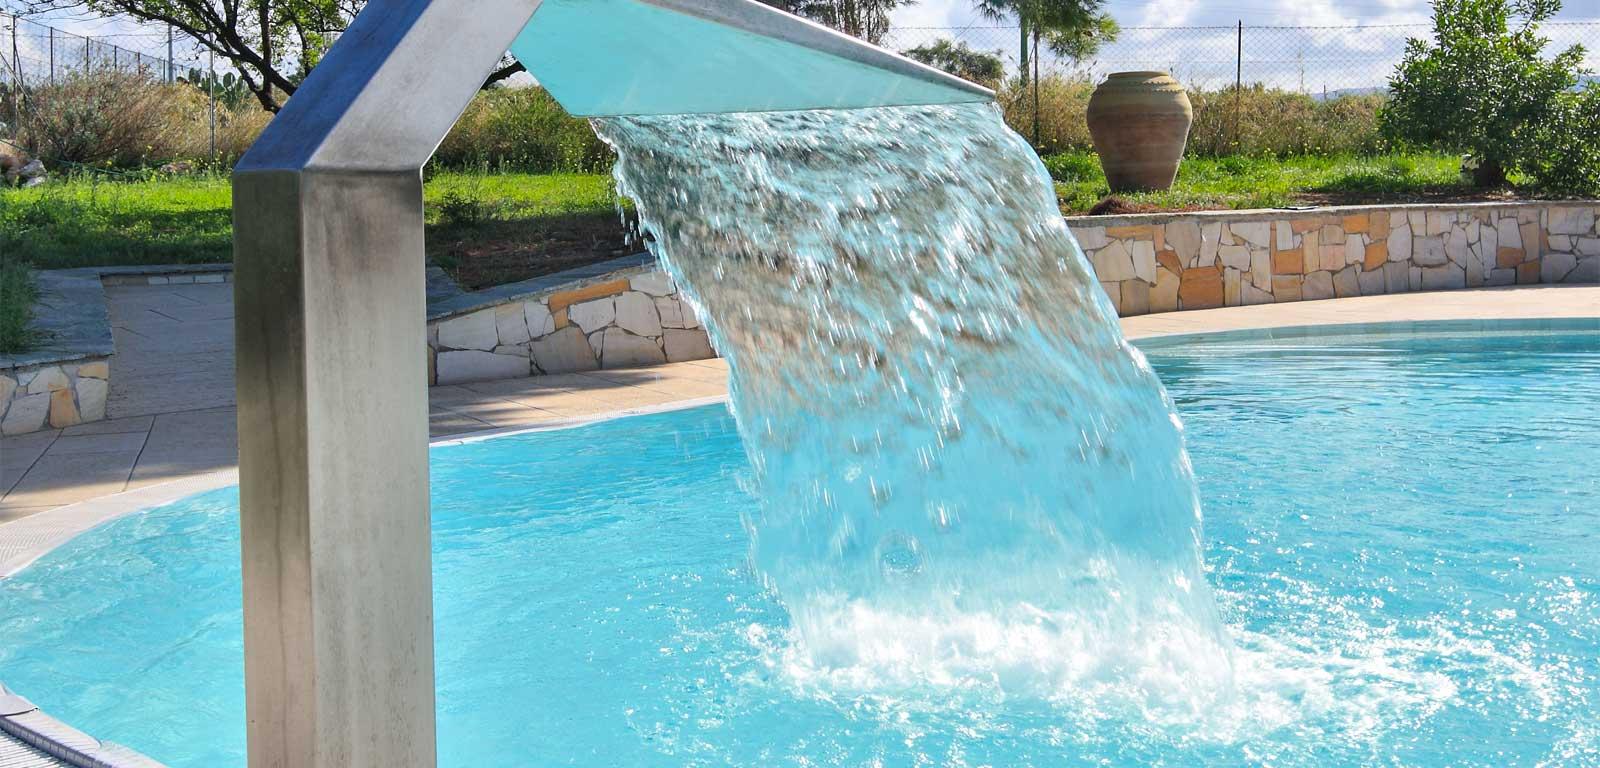 Idromassaggio per piscine piscine castiglione - Fontana per piscina ...